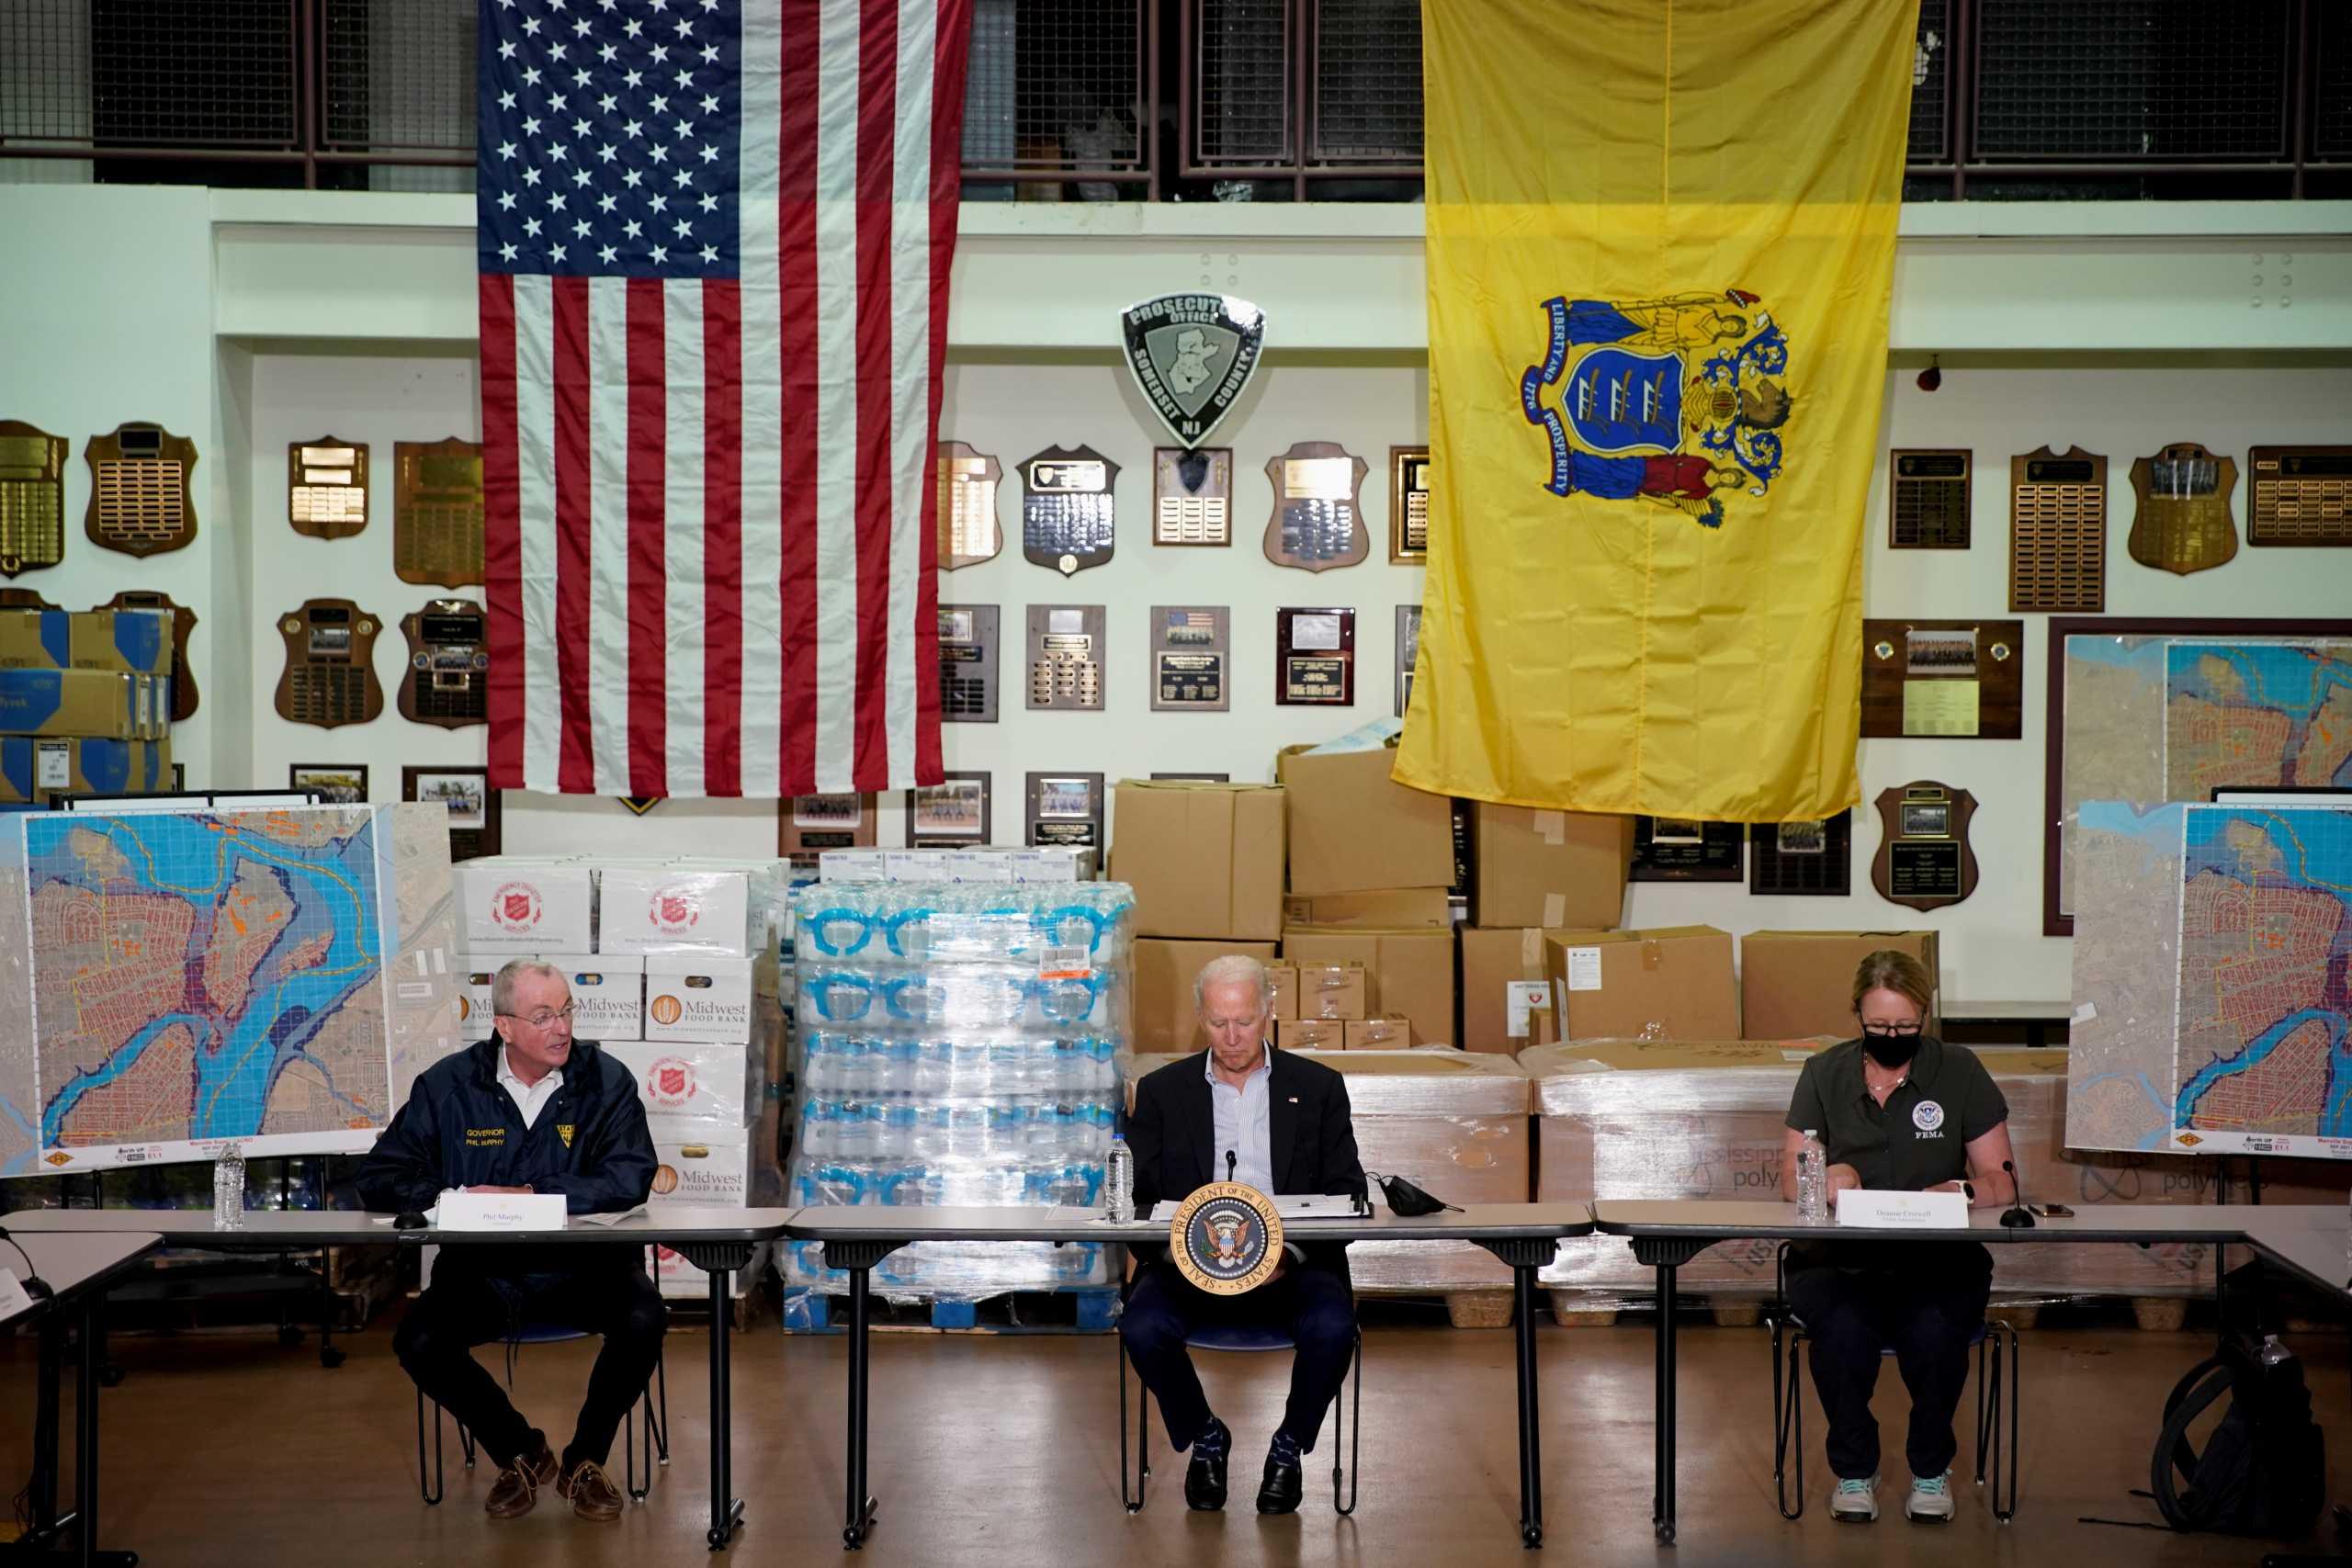 Στη Νέα Υόρκη ο Τζο Μπάιντεν μετά τις καταστροφές από την καταιγίδα Άιντα